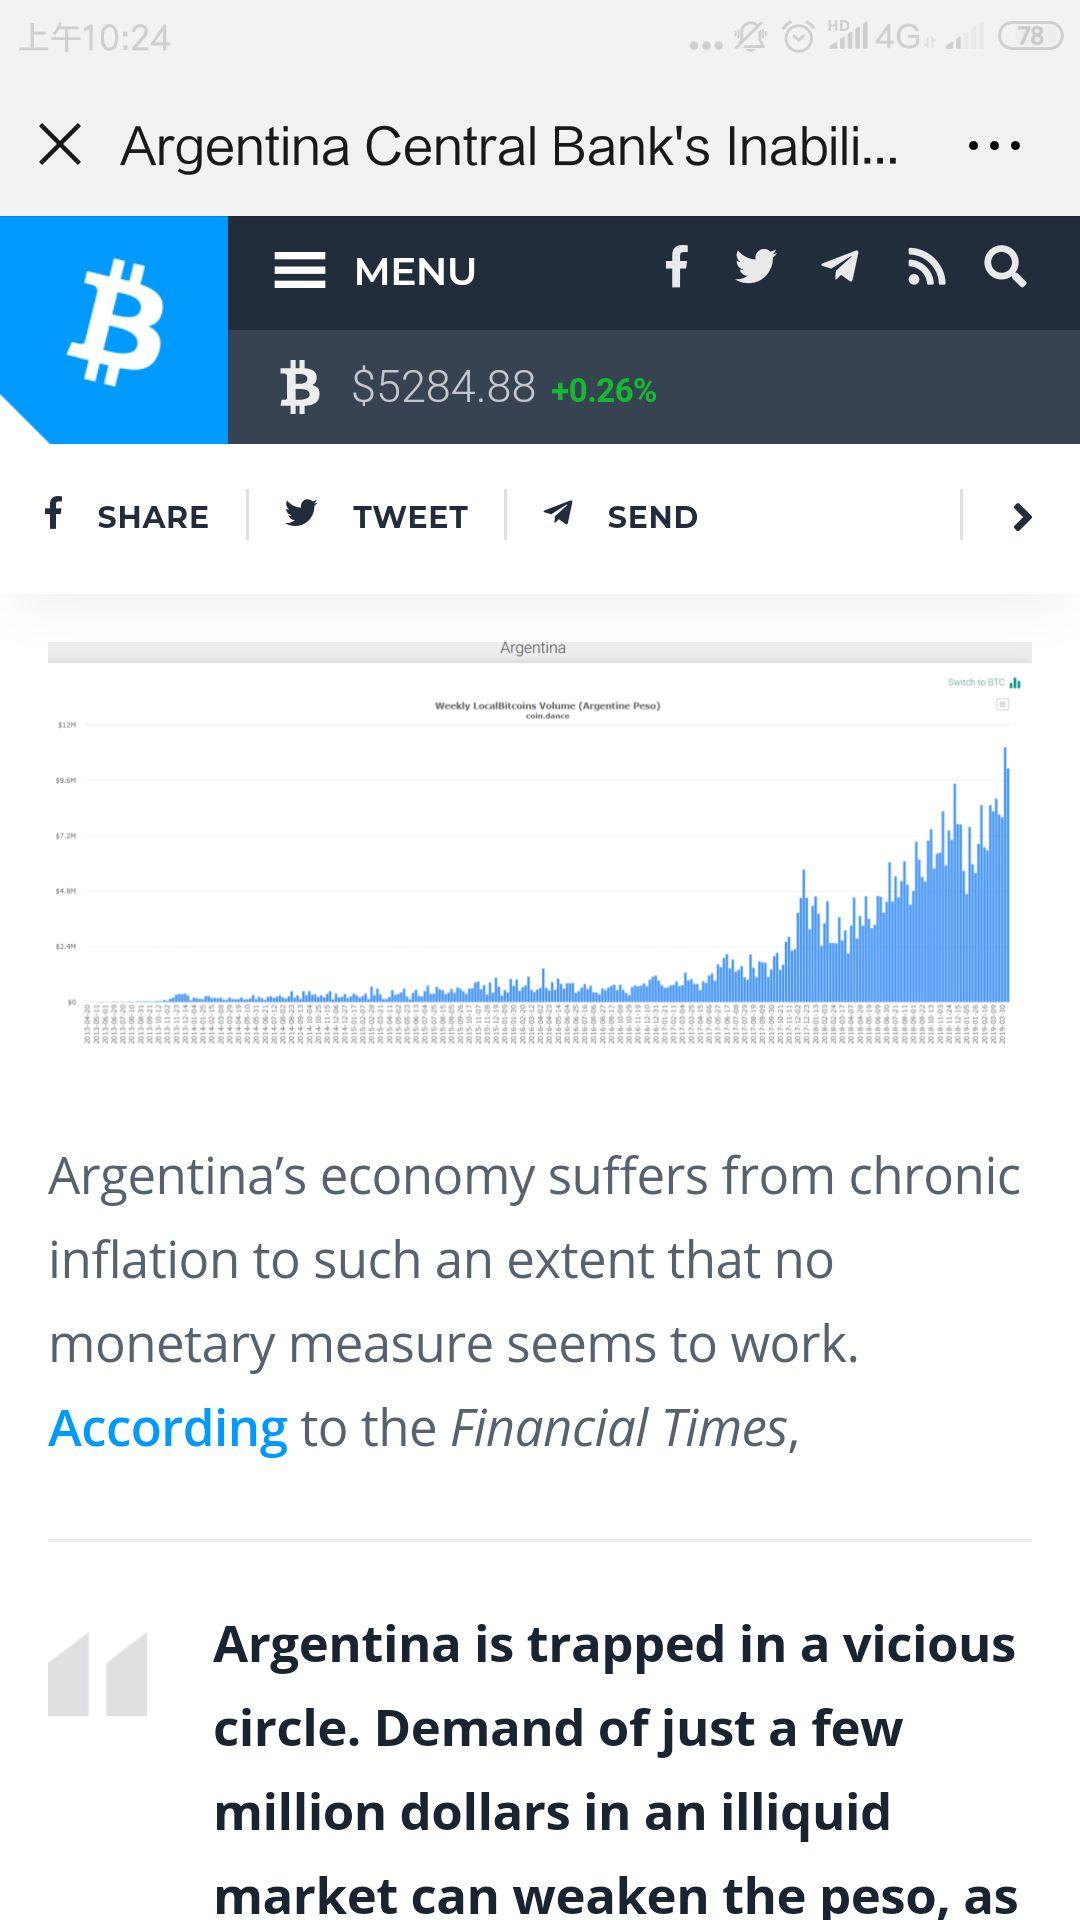 阿根廷通胀超54%,BTC成替代品,交易量达历史最高水平